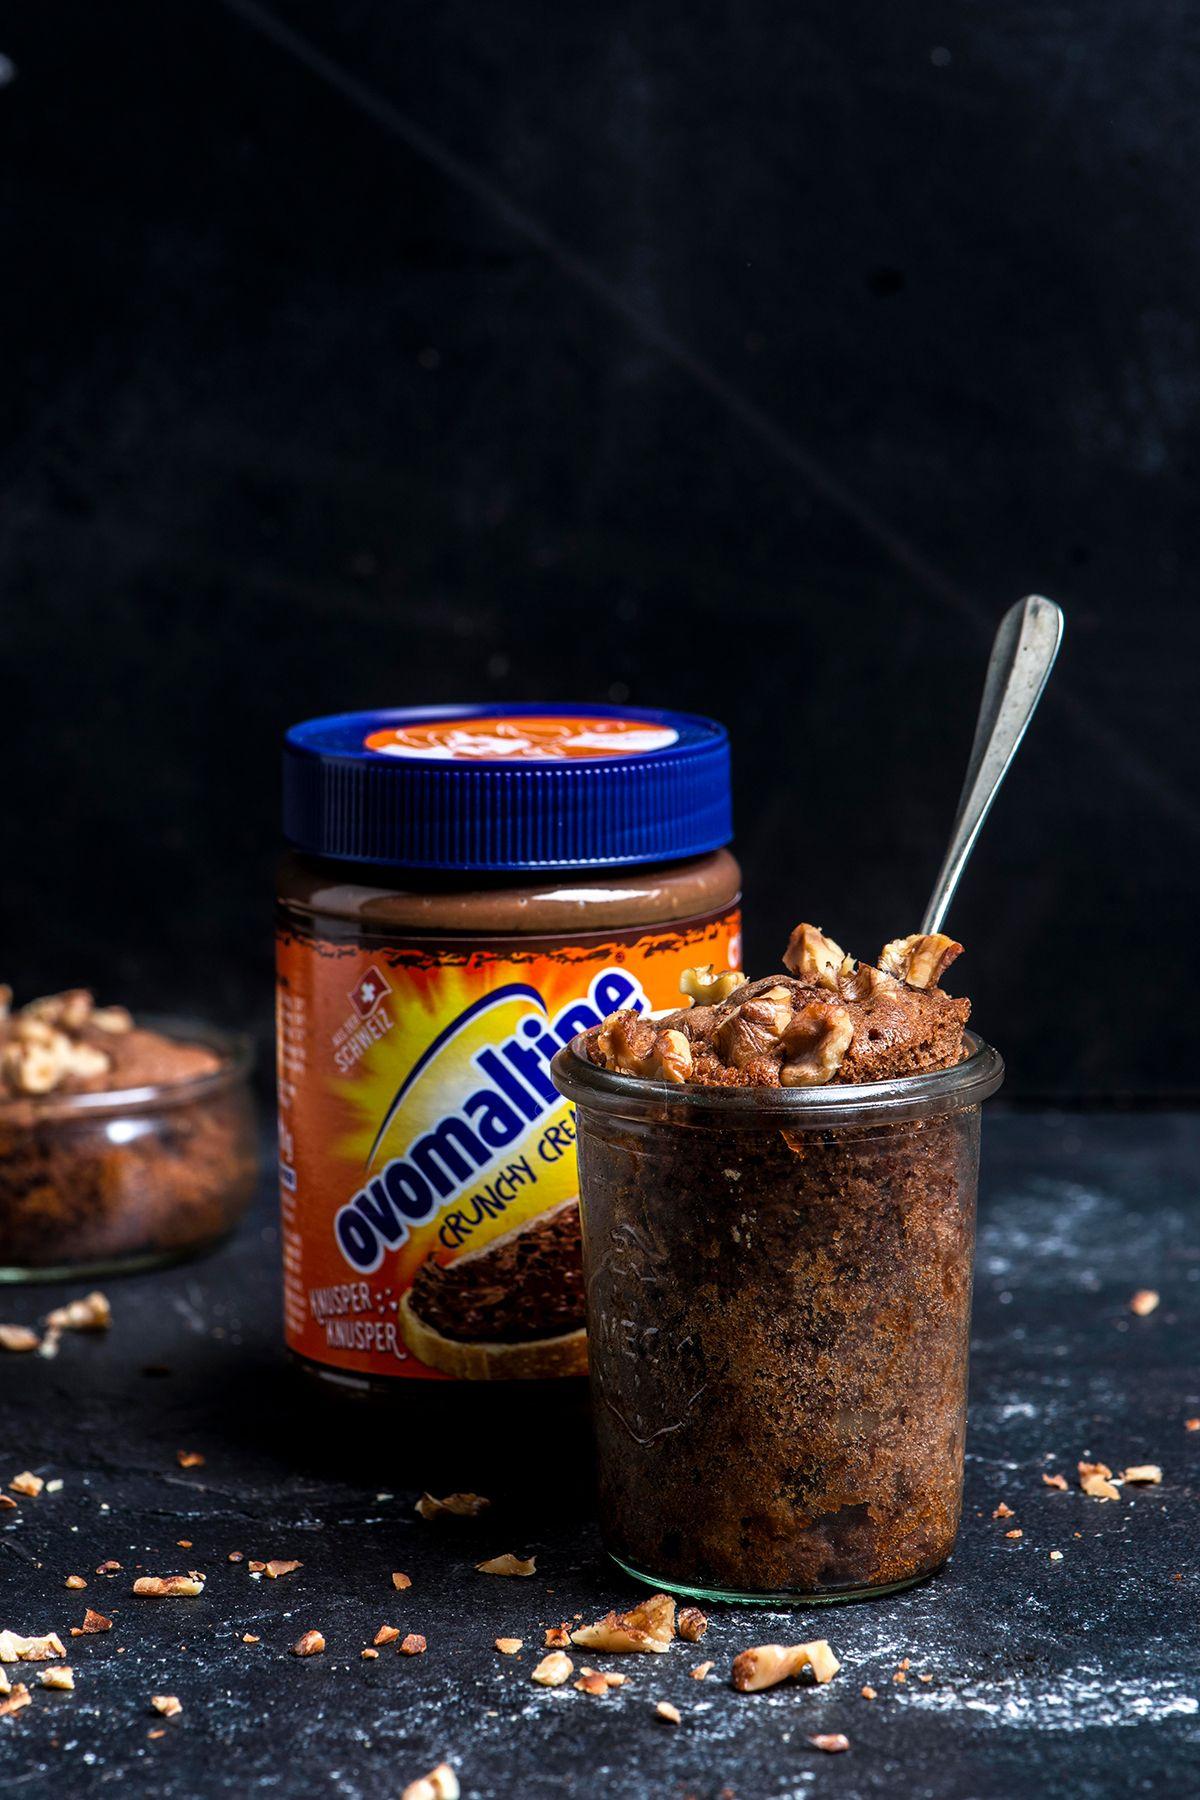 Ovomaltine Hefezopf mit Crunchy-Cream-Füllung | ovomaltine.de